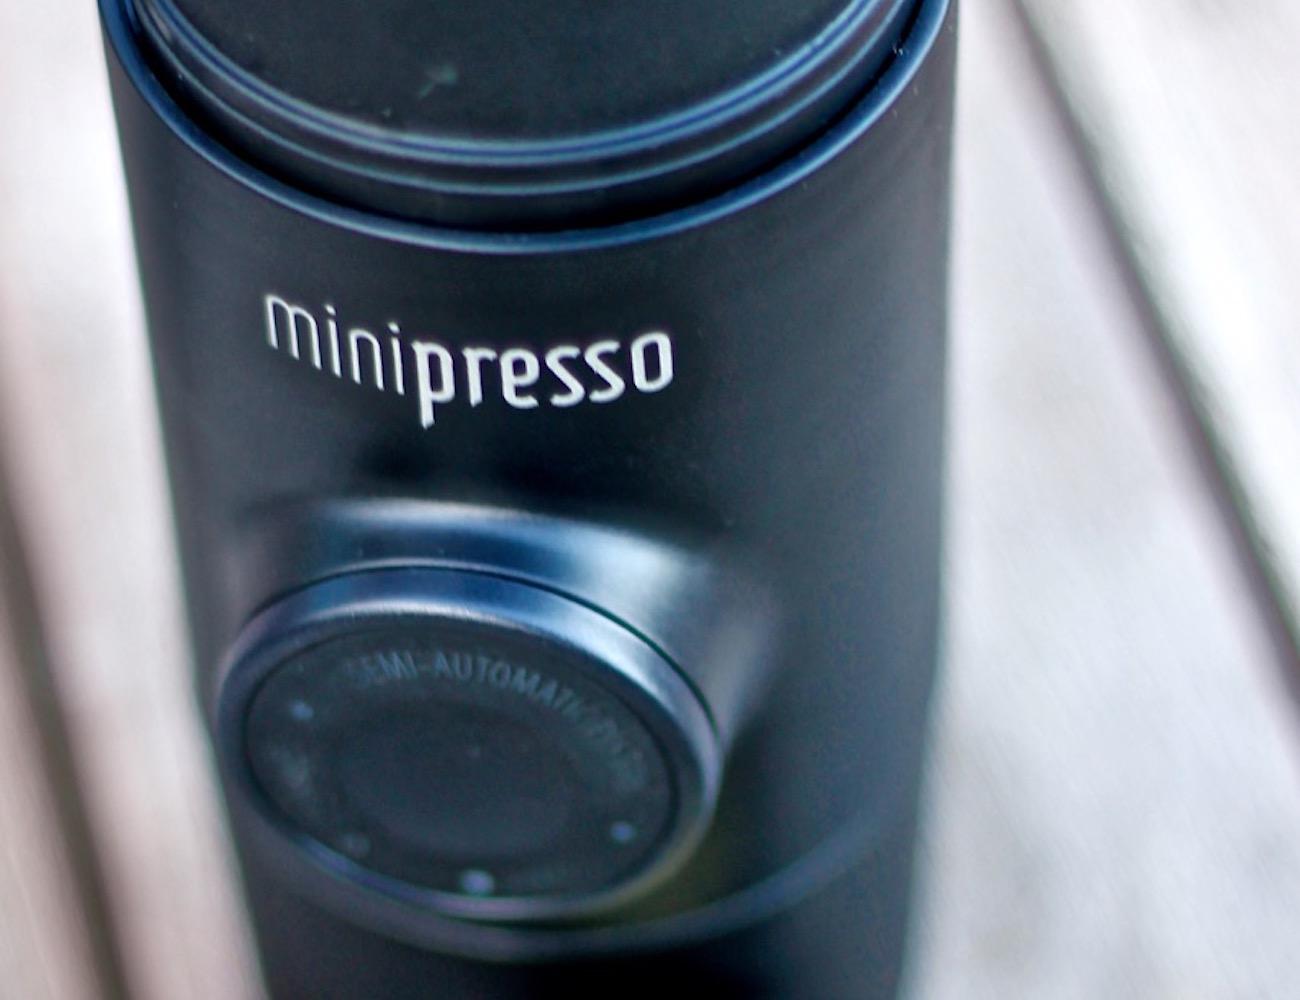 minipresso-handheld-espresso-maker-by-wacaco-company-new-03